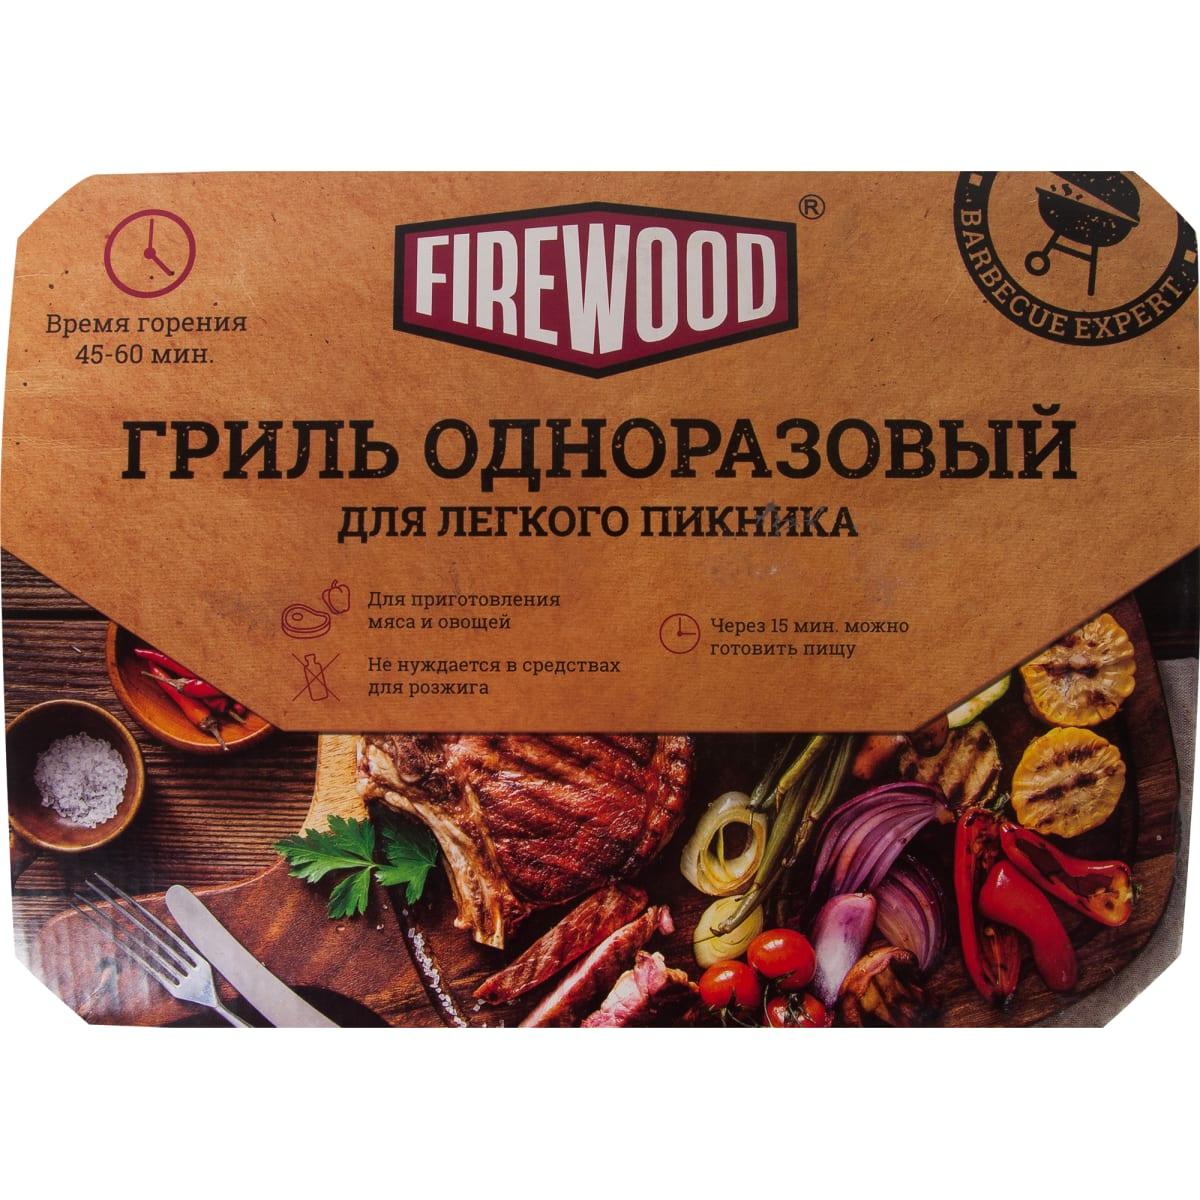 Мангал-гриль Firewood одноразовый